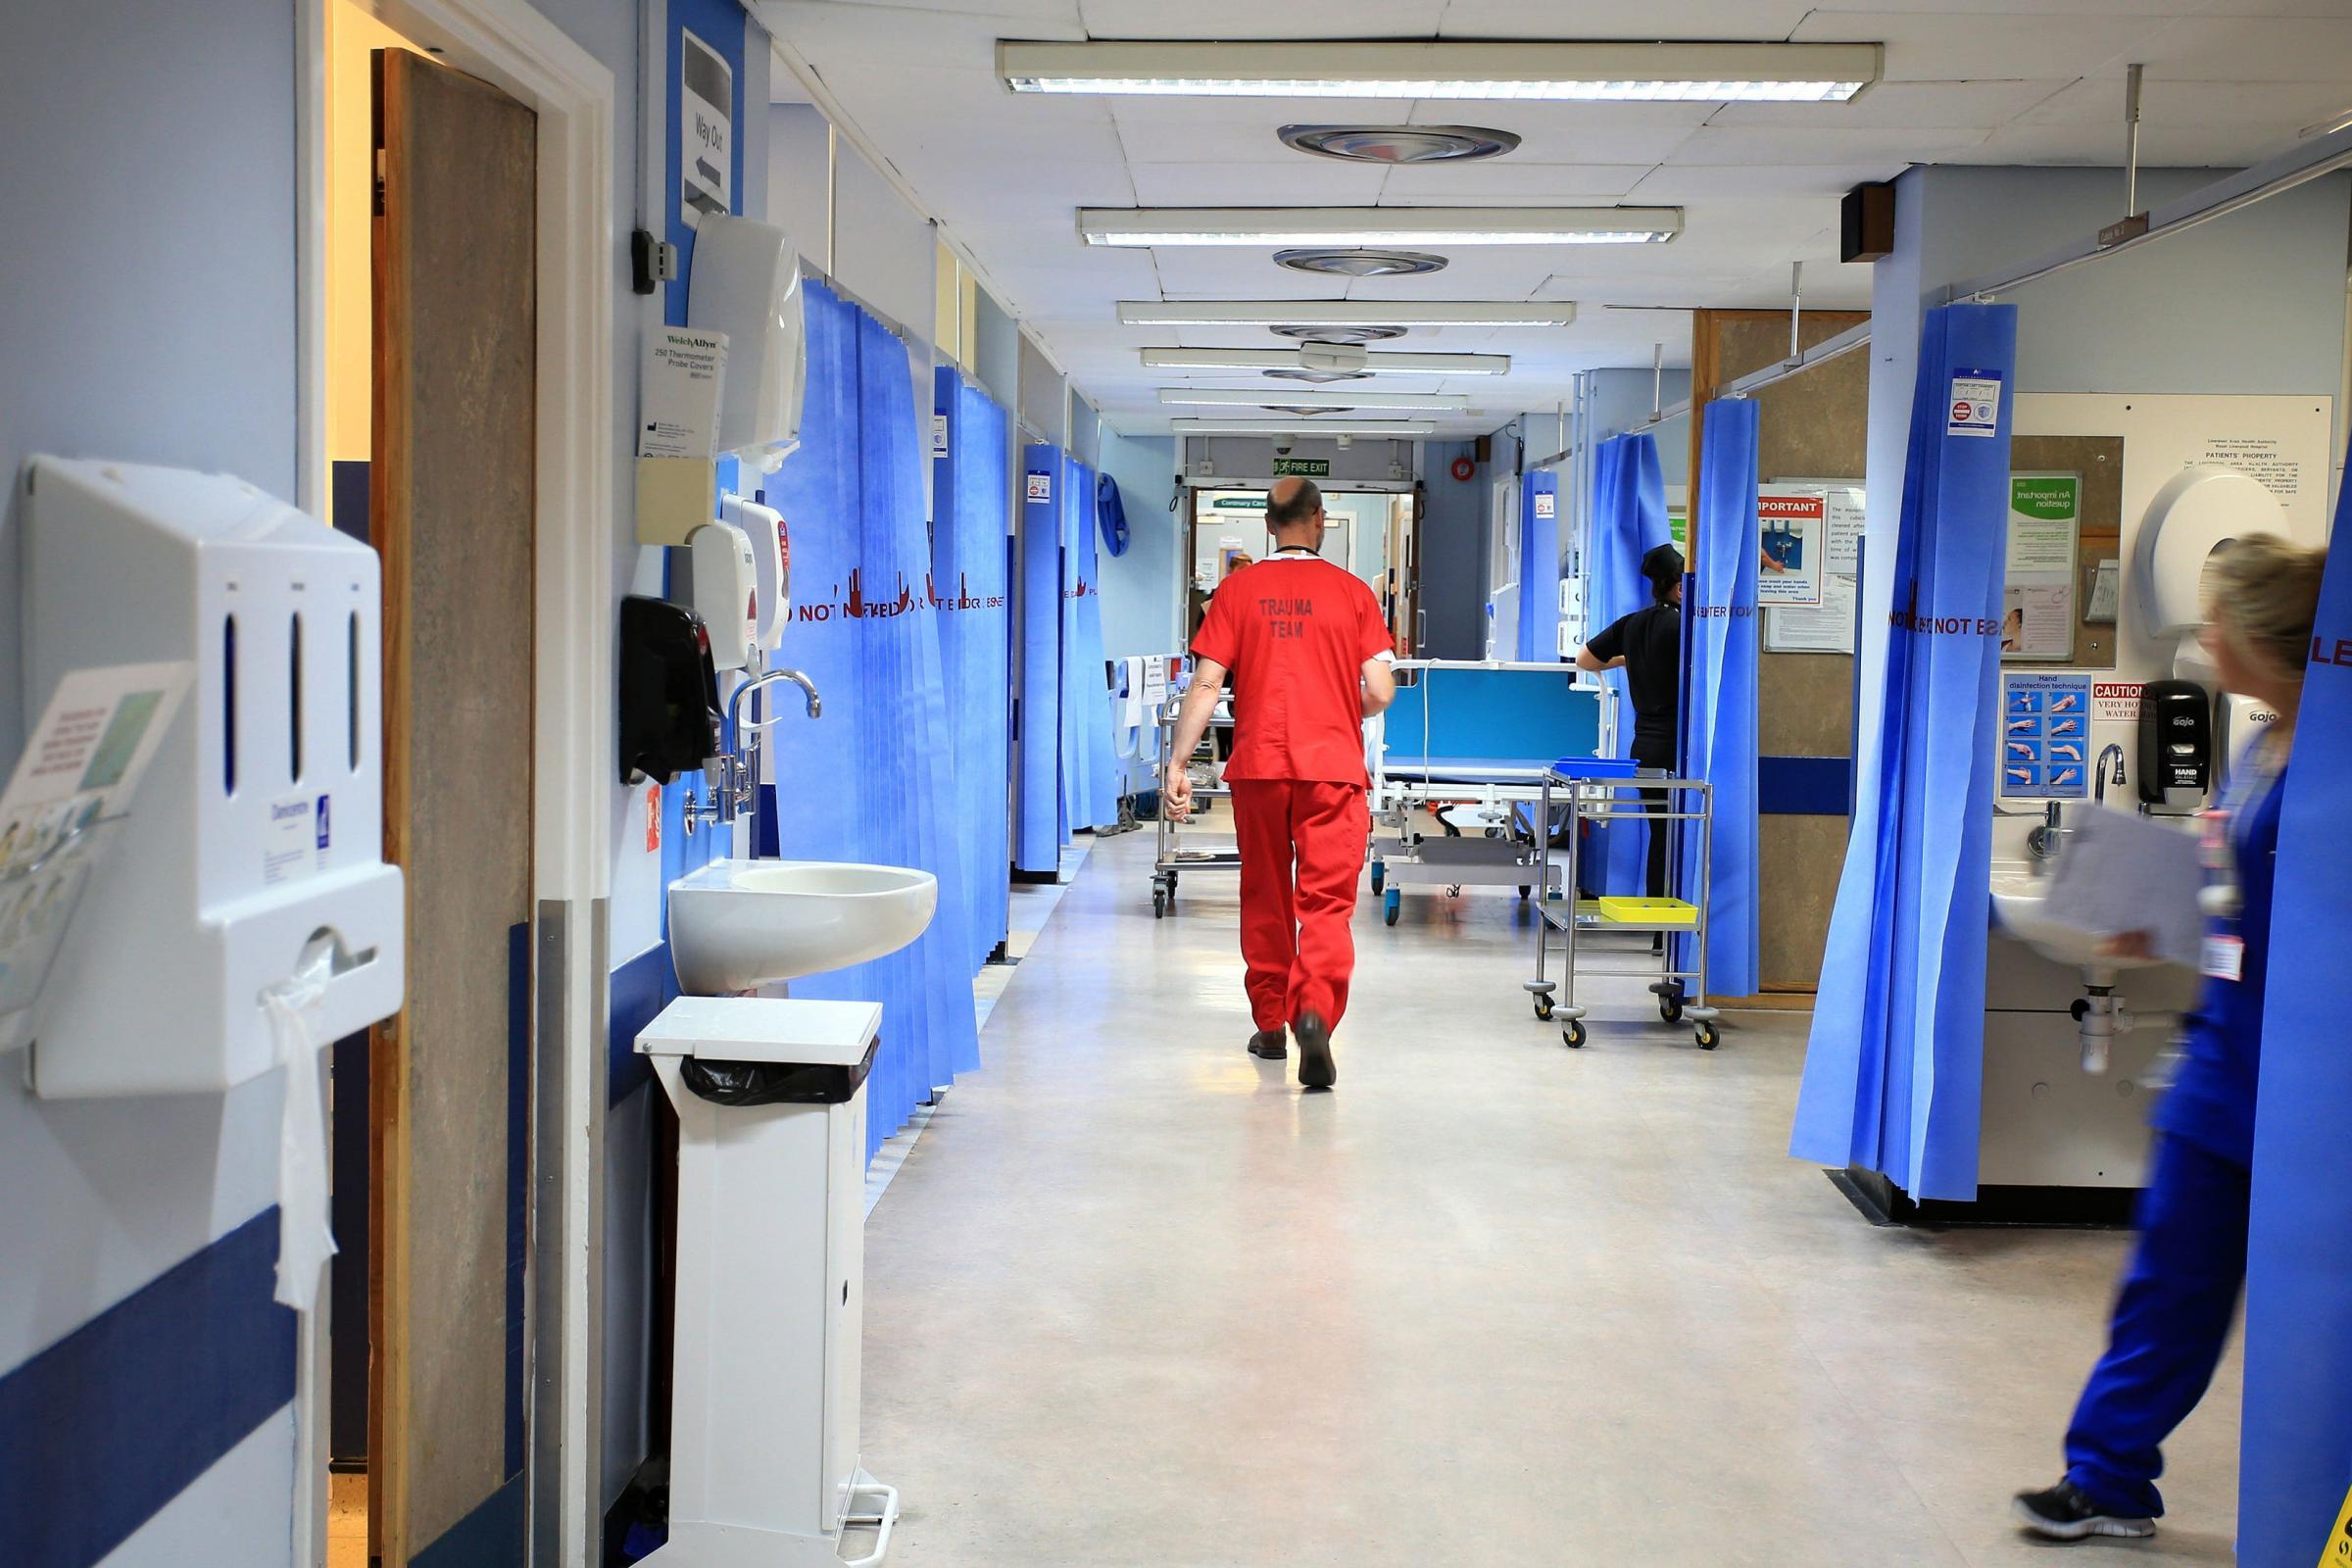 NHS Lanarkshire emite alerta de nivel de riesgo más alto 'negro'